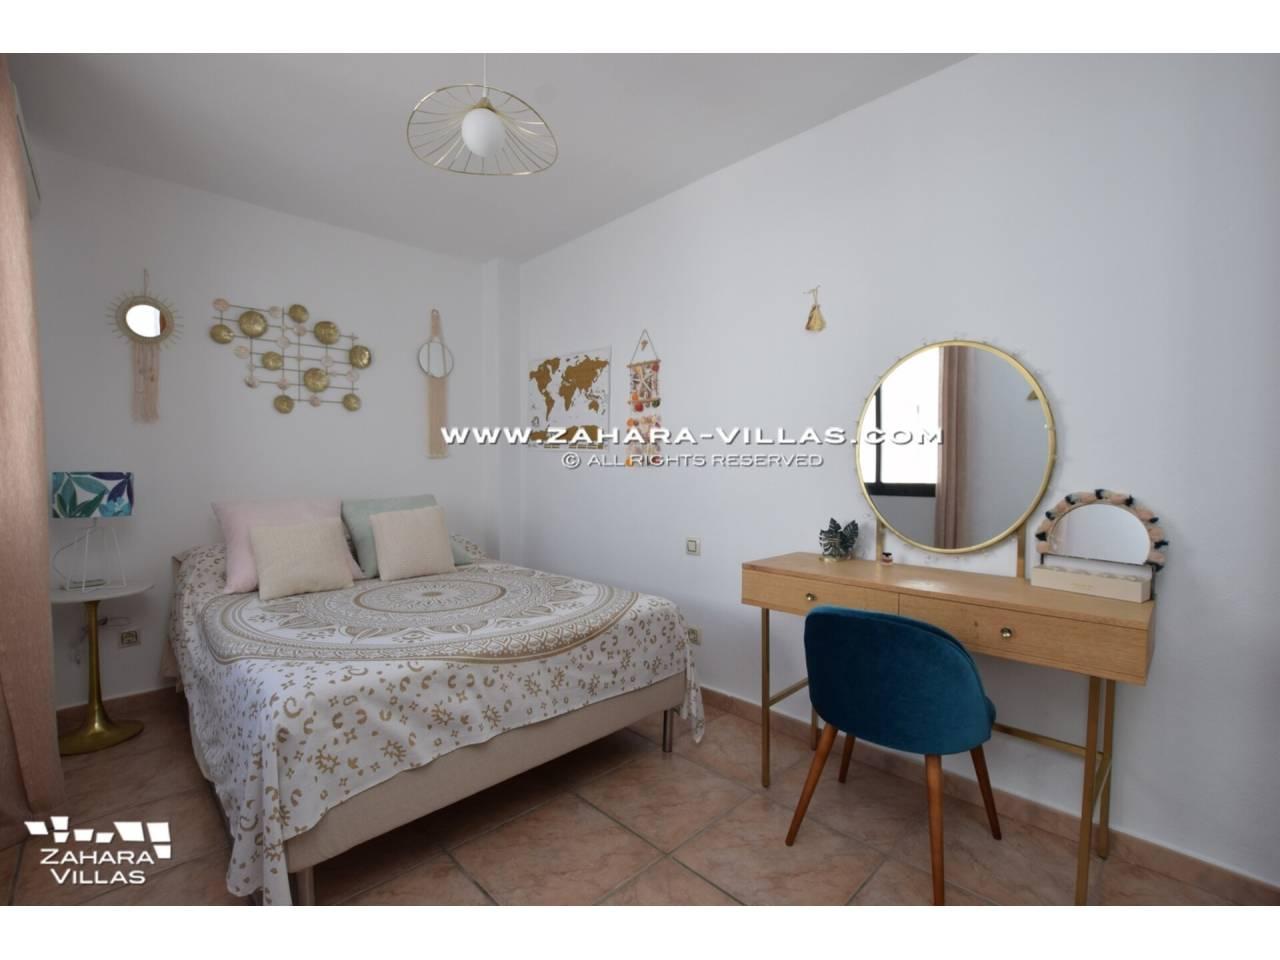 Imagen 25 de Casa Adosada con vistas al mar en venta en Urb. Jardines de Zahara